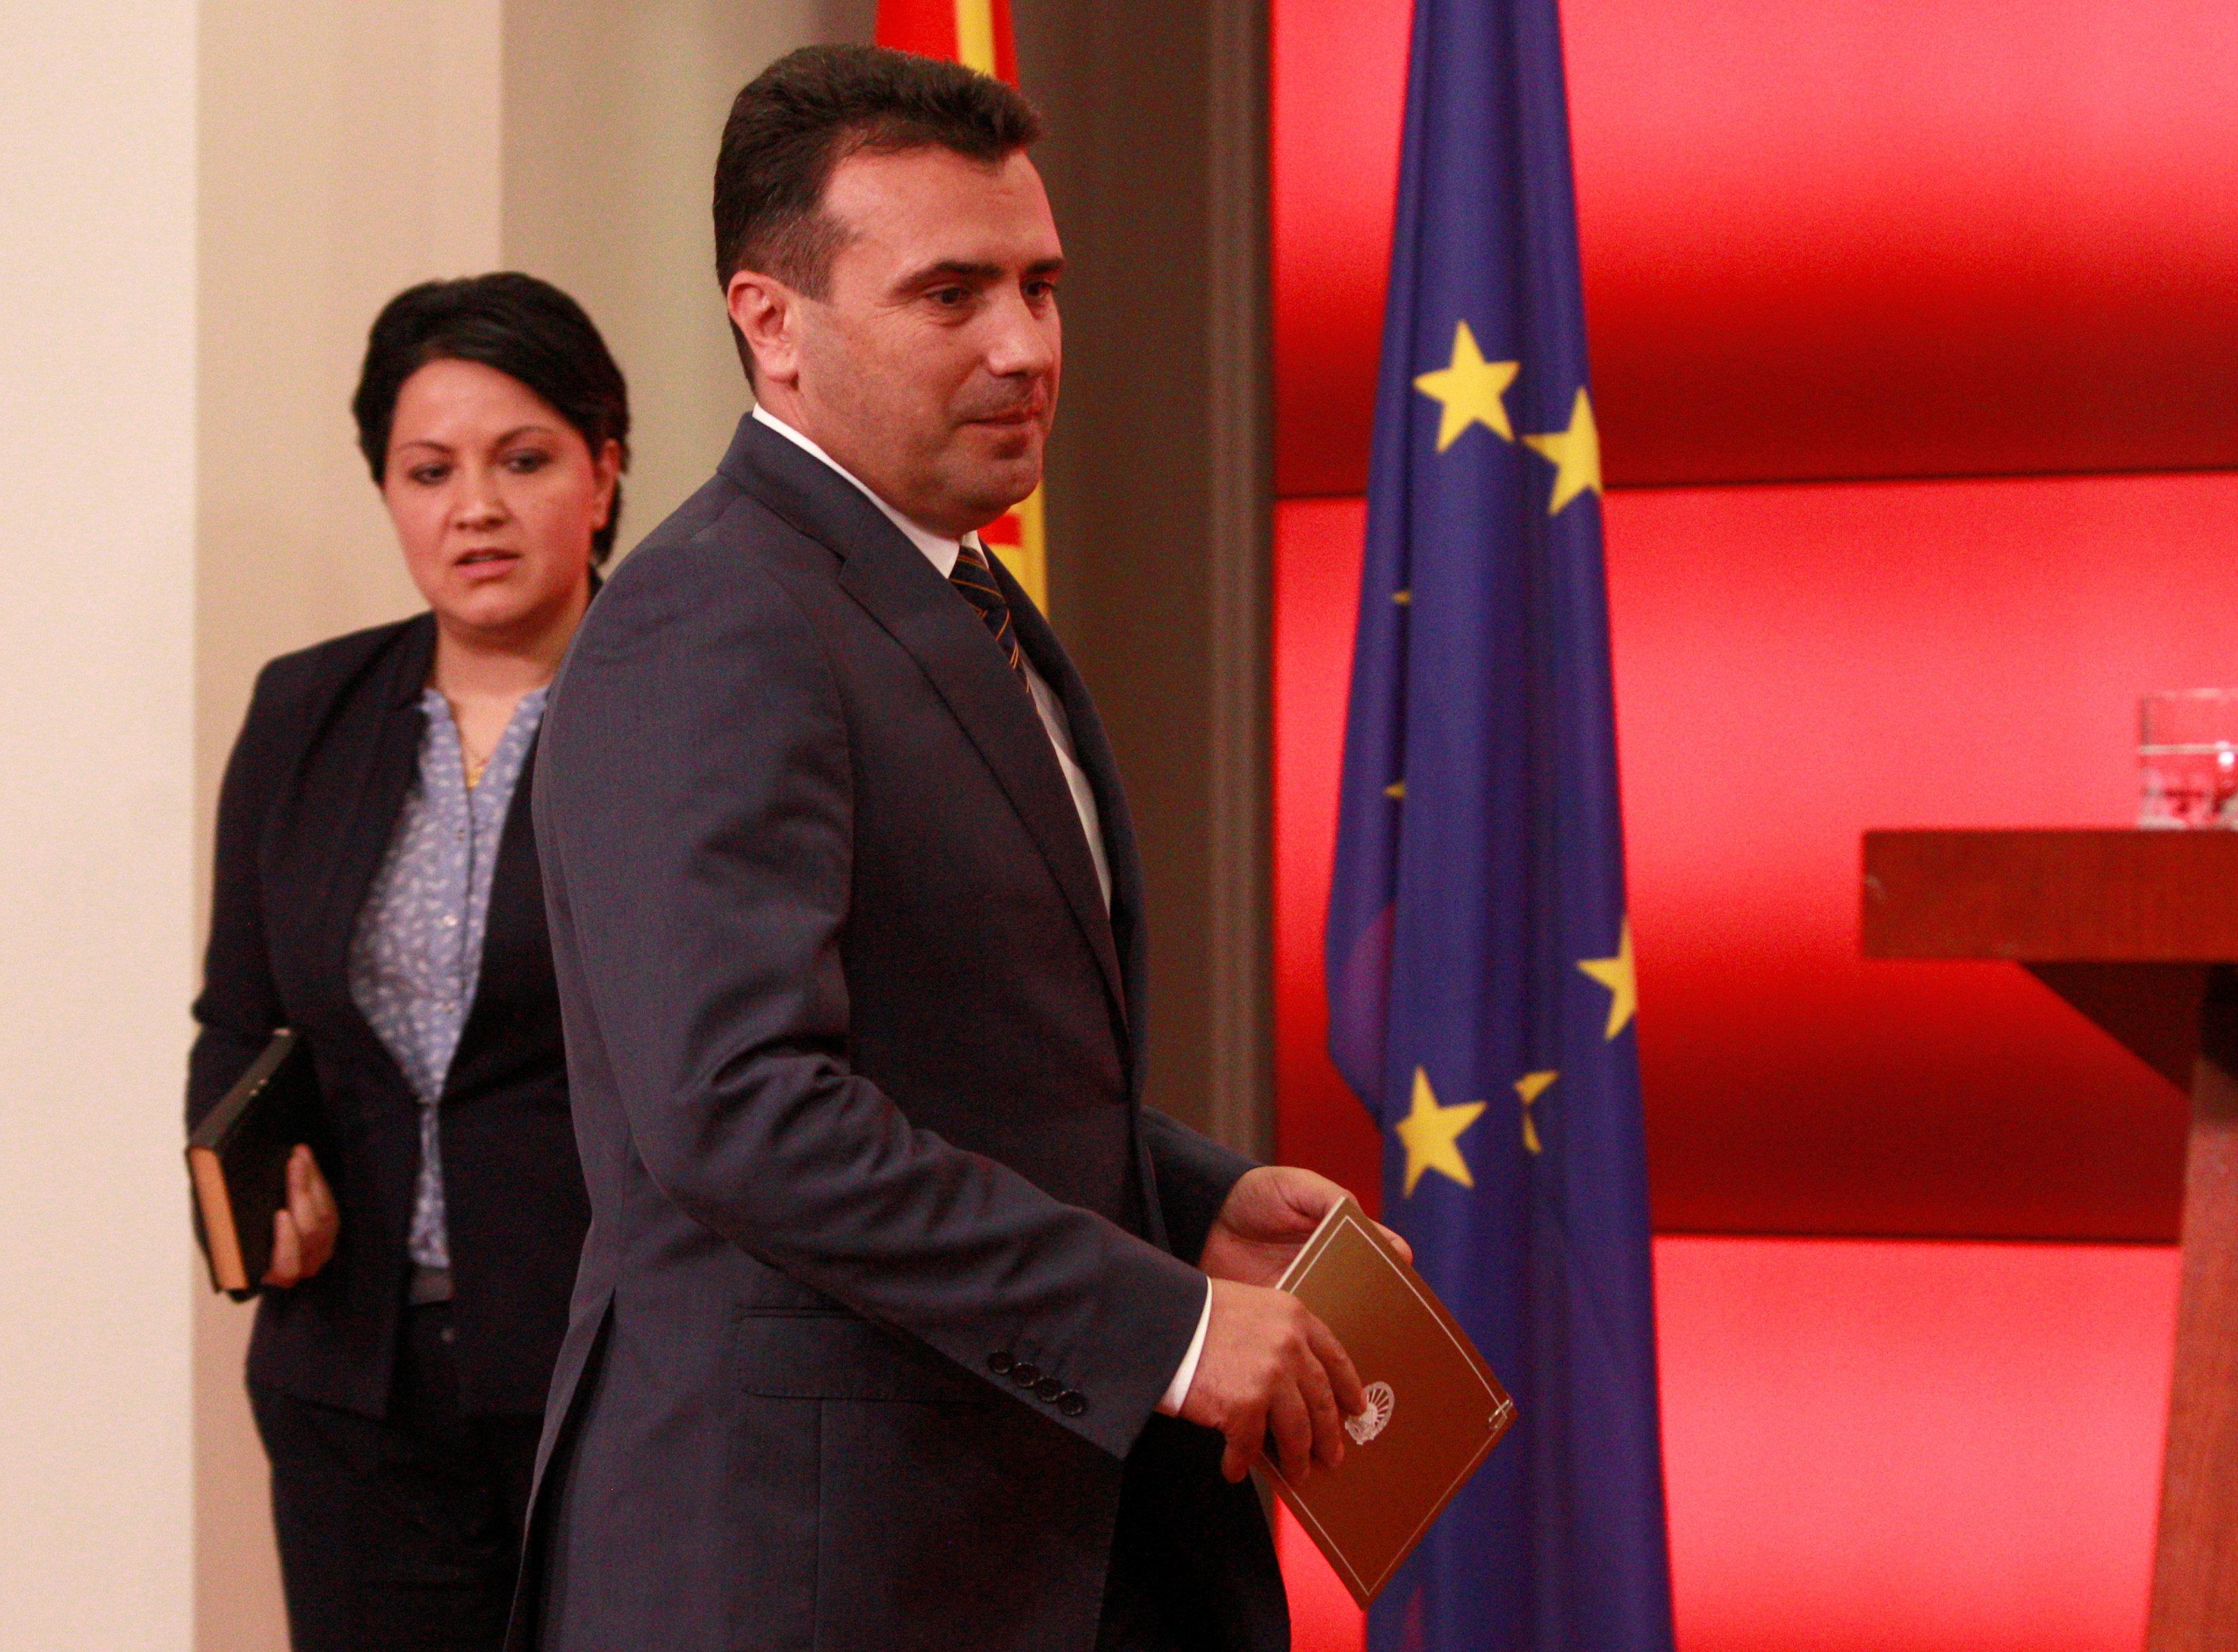 Ζάεφ: Γιατί δεν θέλαμε «Άνω» και «Νέα Μακεδονία»